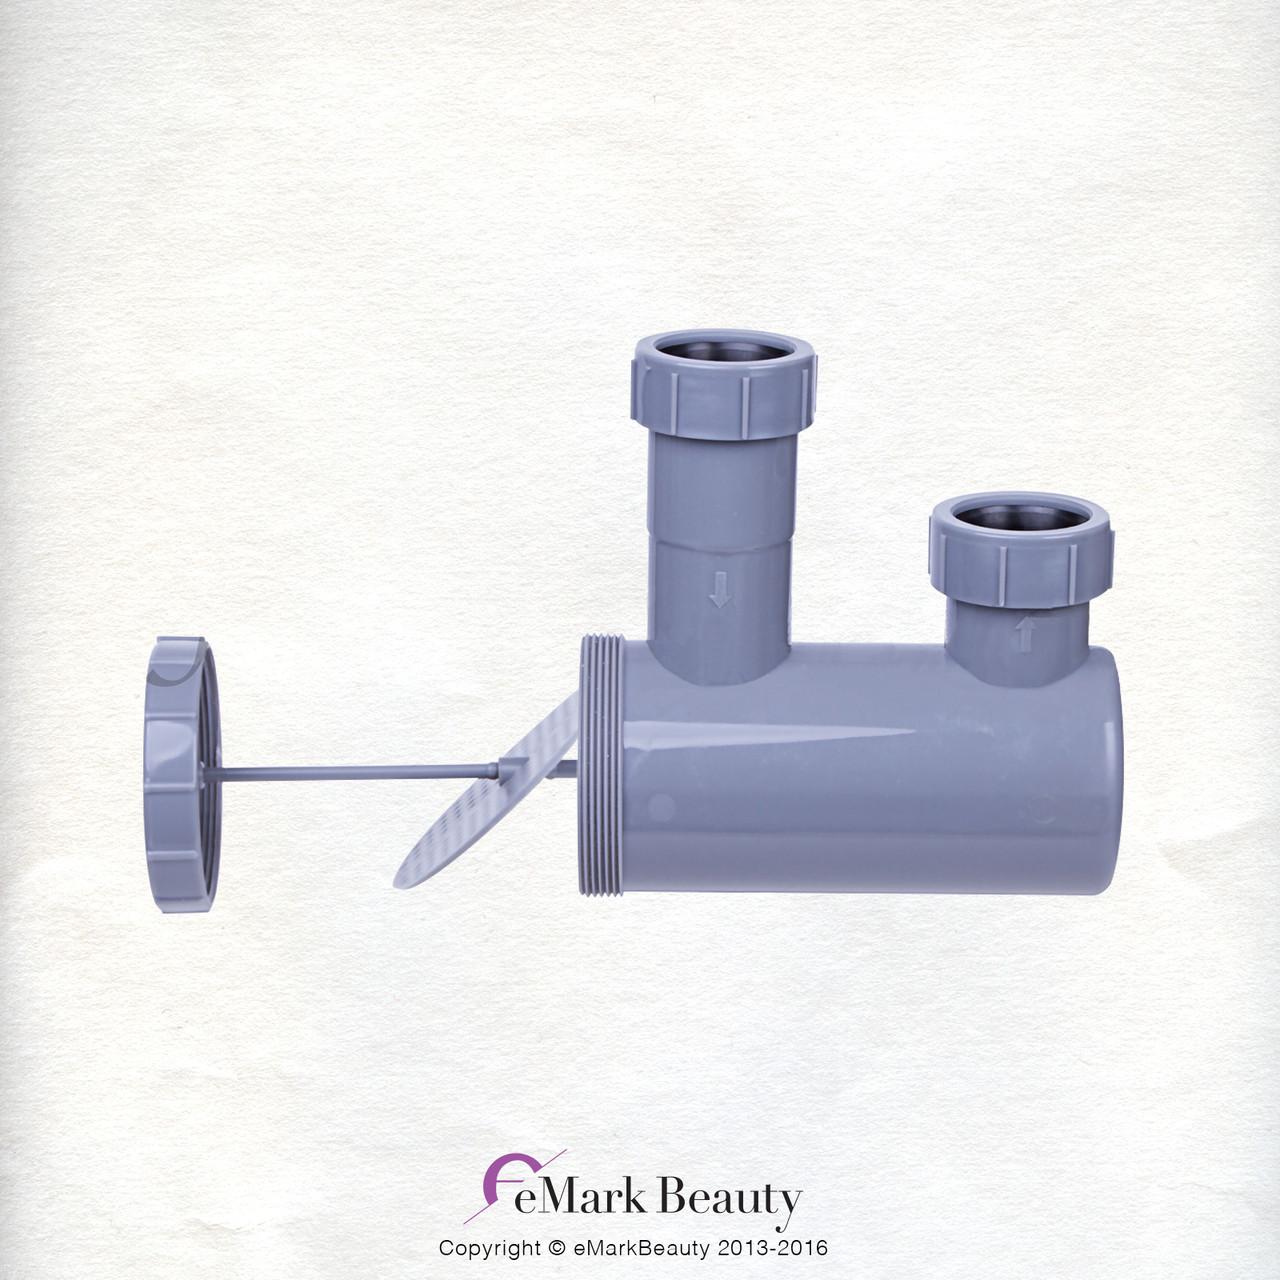 Wall mounted Backwash Shampoo ABS Plastic Bowl Salon Spa Equipment TLC-B13W